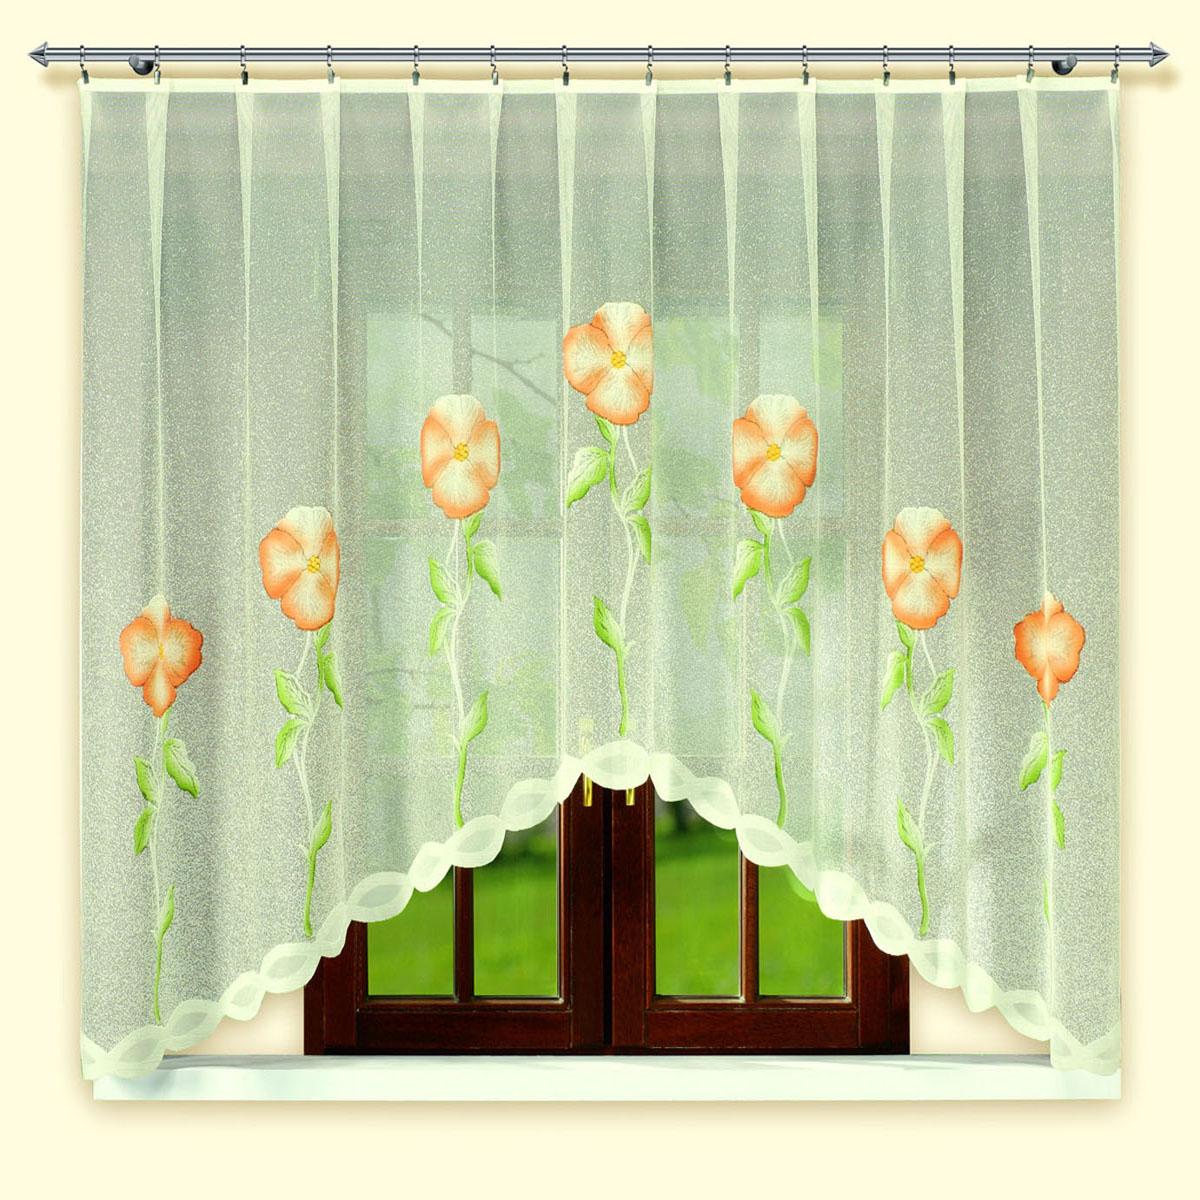 Гардина Haft, цвет: белый, ширина 300 см, высота 160 см. 46010/16046010/160Жаккардовая гардина-арка кремового цвета с цветным рисунком. Высота 160 см Размеры: высота 160см*ширина 300см